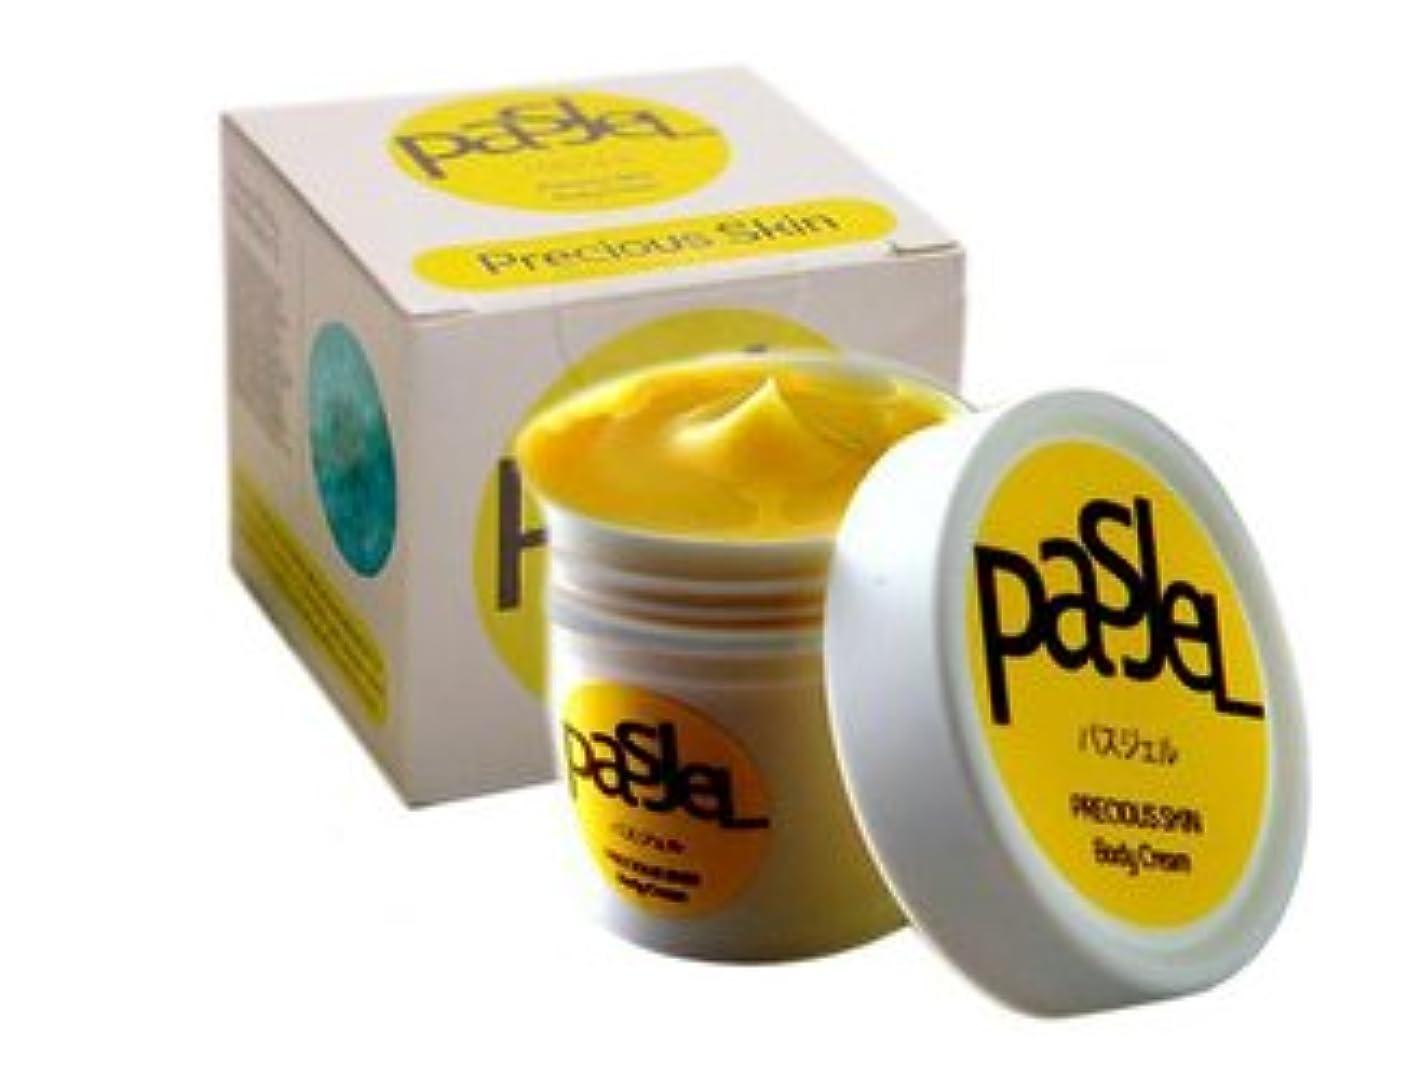 エミュレーション剥離広告するPasJel パスジェル 妊娠線予防 クリーム 肉割れ防止